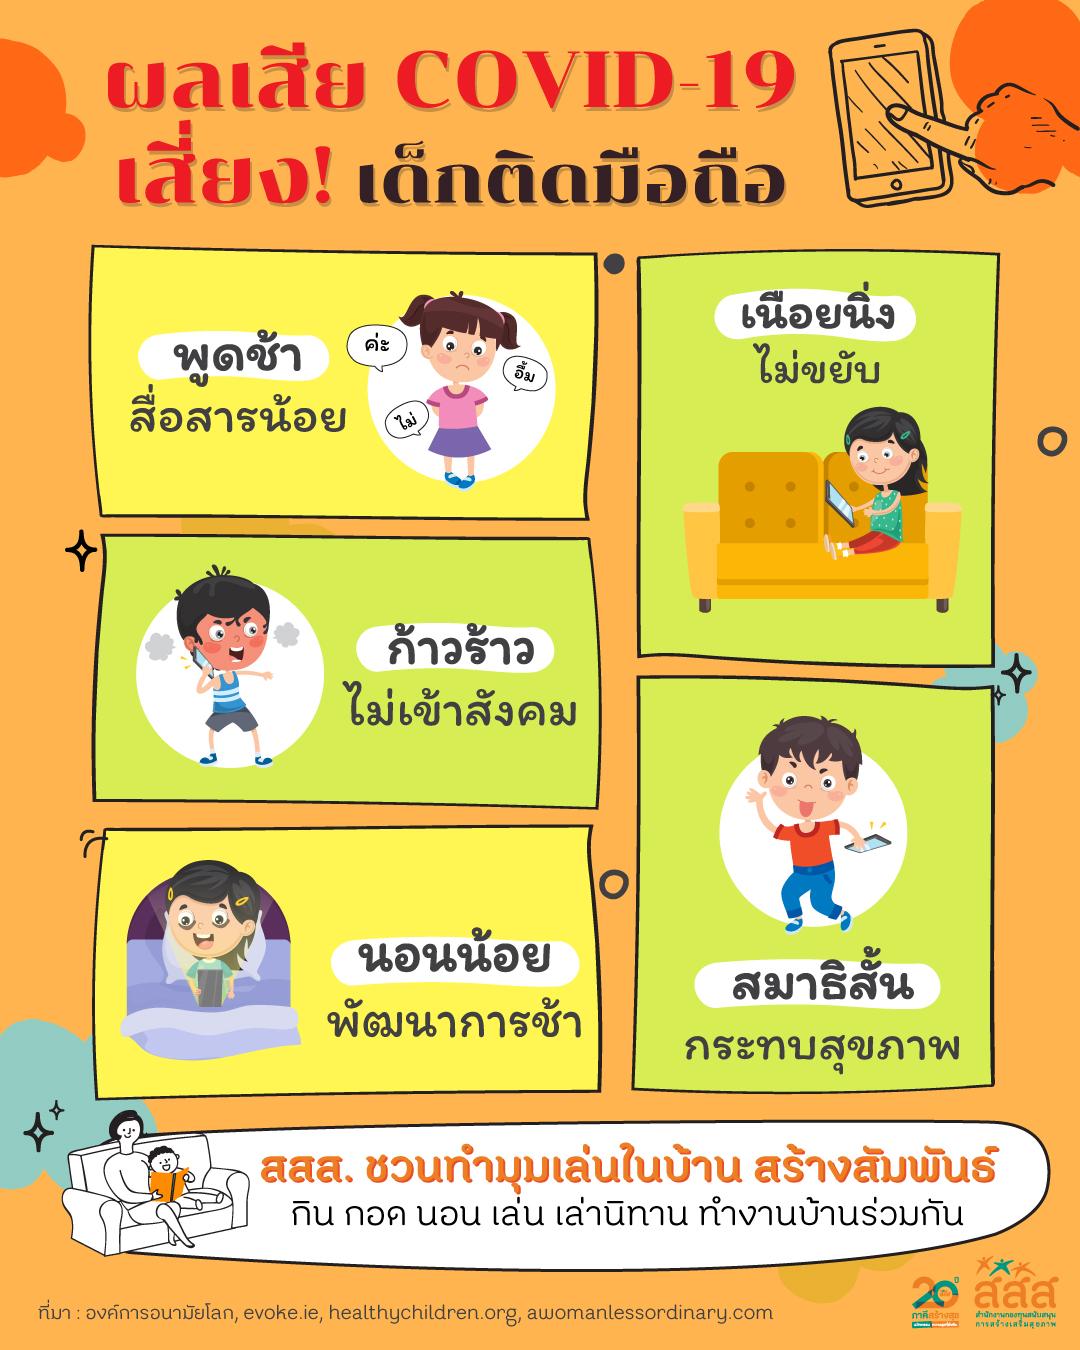 สสส.ห่วงเด็กติดมือถือช่วงโควิด แนะทำมุมเล่นในบ้าน thaihealth